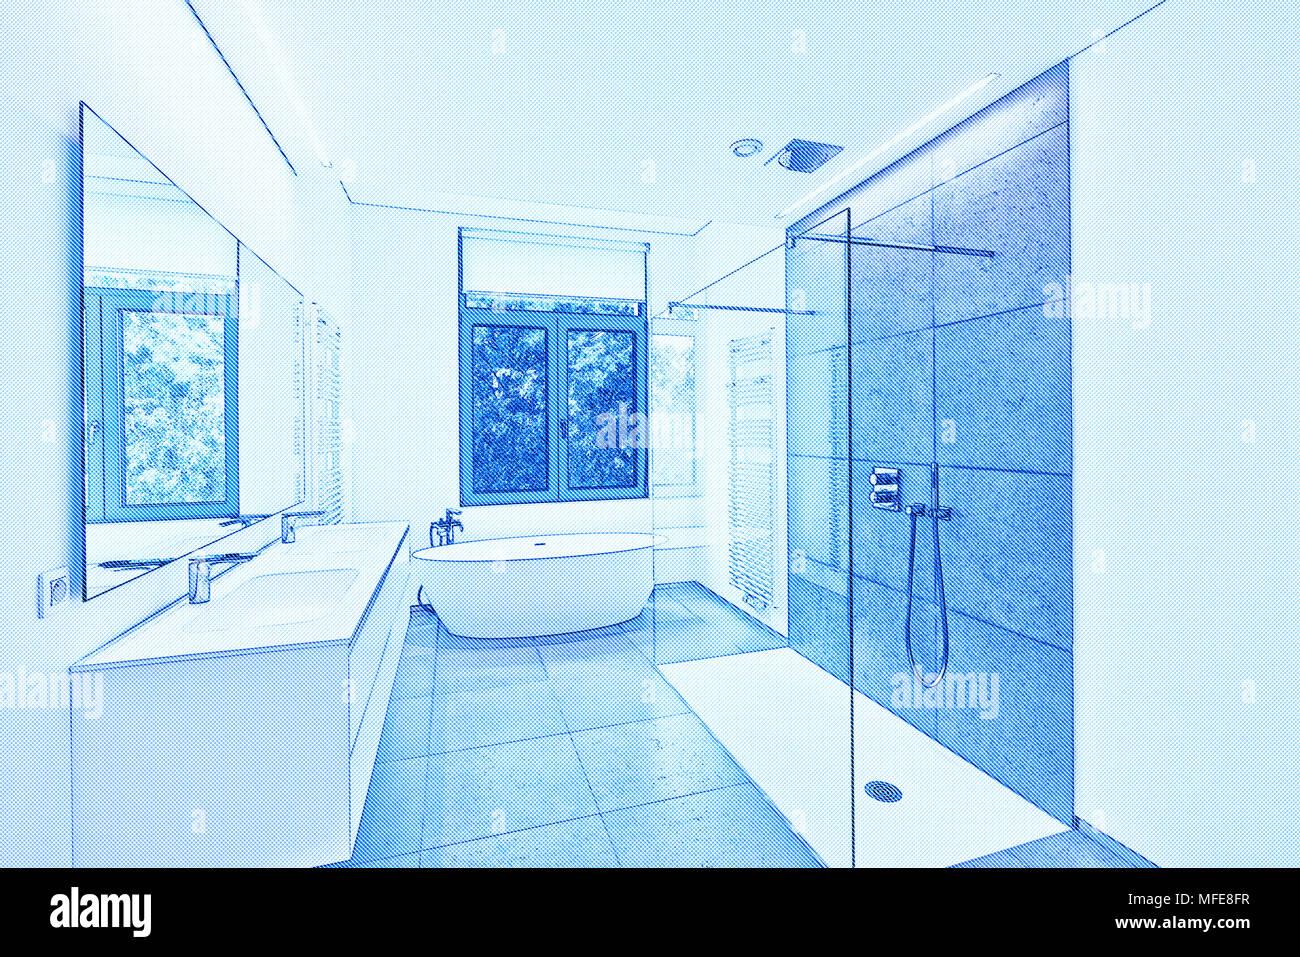 Blueprint di una vasca da bagno in corian, rubinetto e doccia nella ...